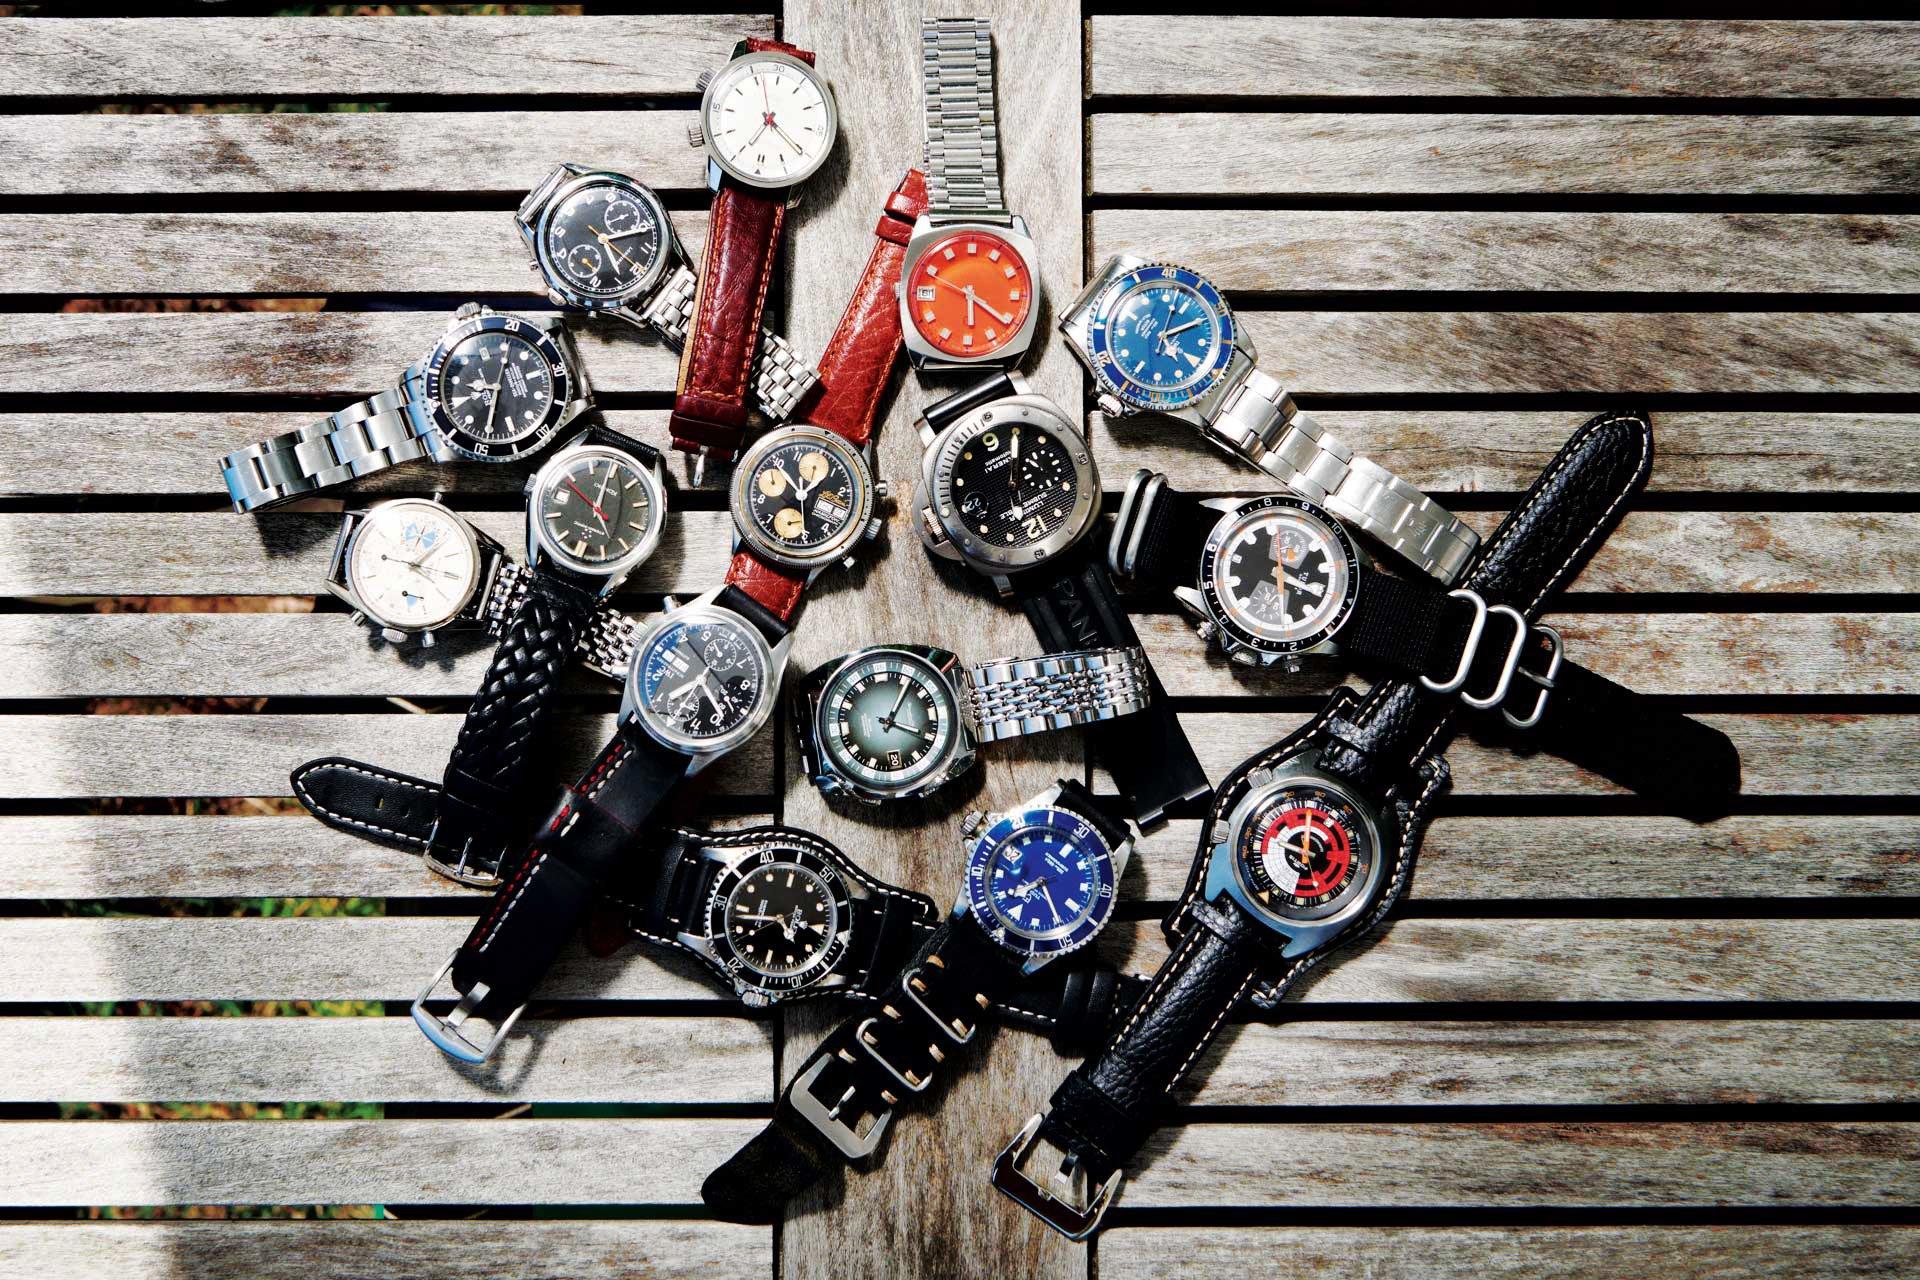 Преимущества многофункциональных часов